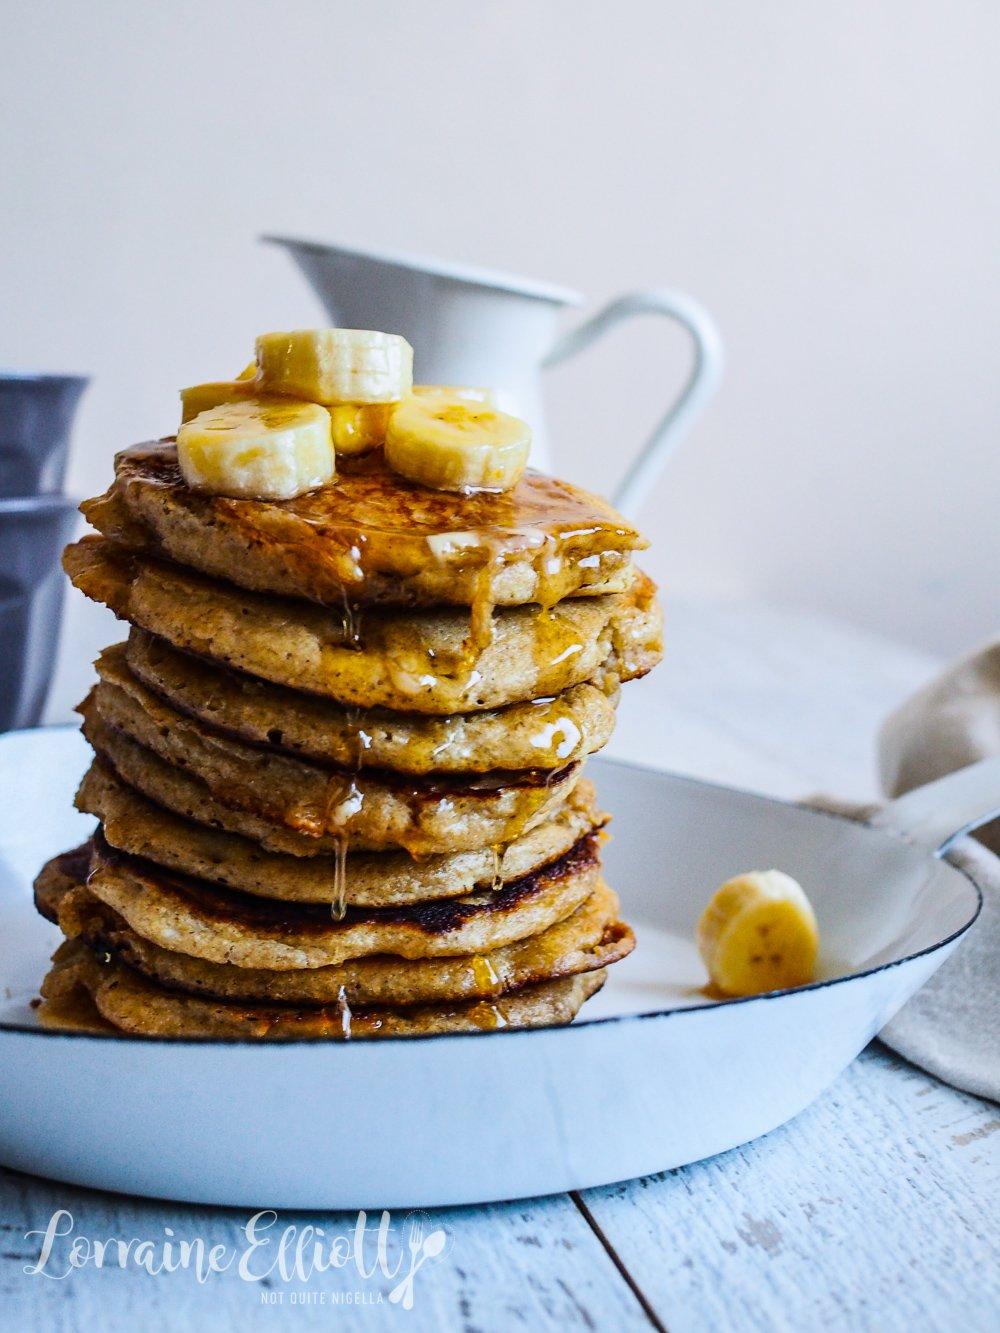 Ricotta Banana Oatmeal Pancakes